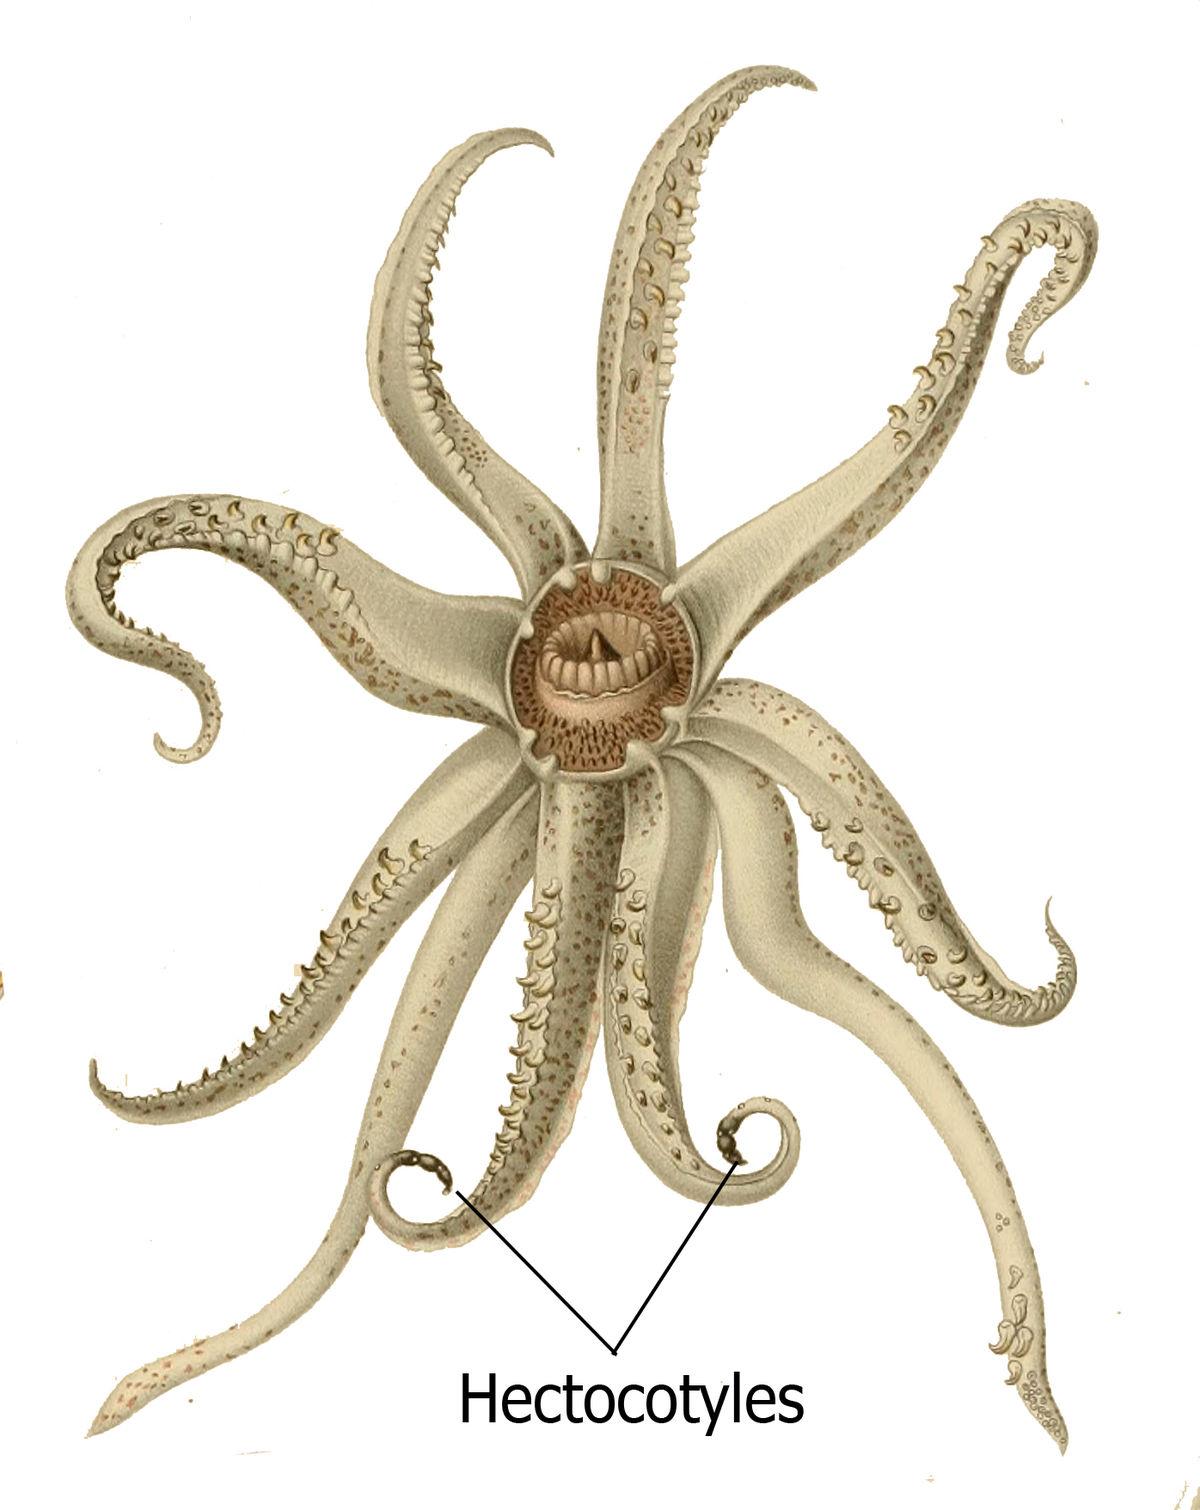 Hectocotylus – Wikipedia